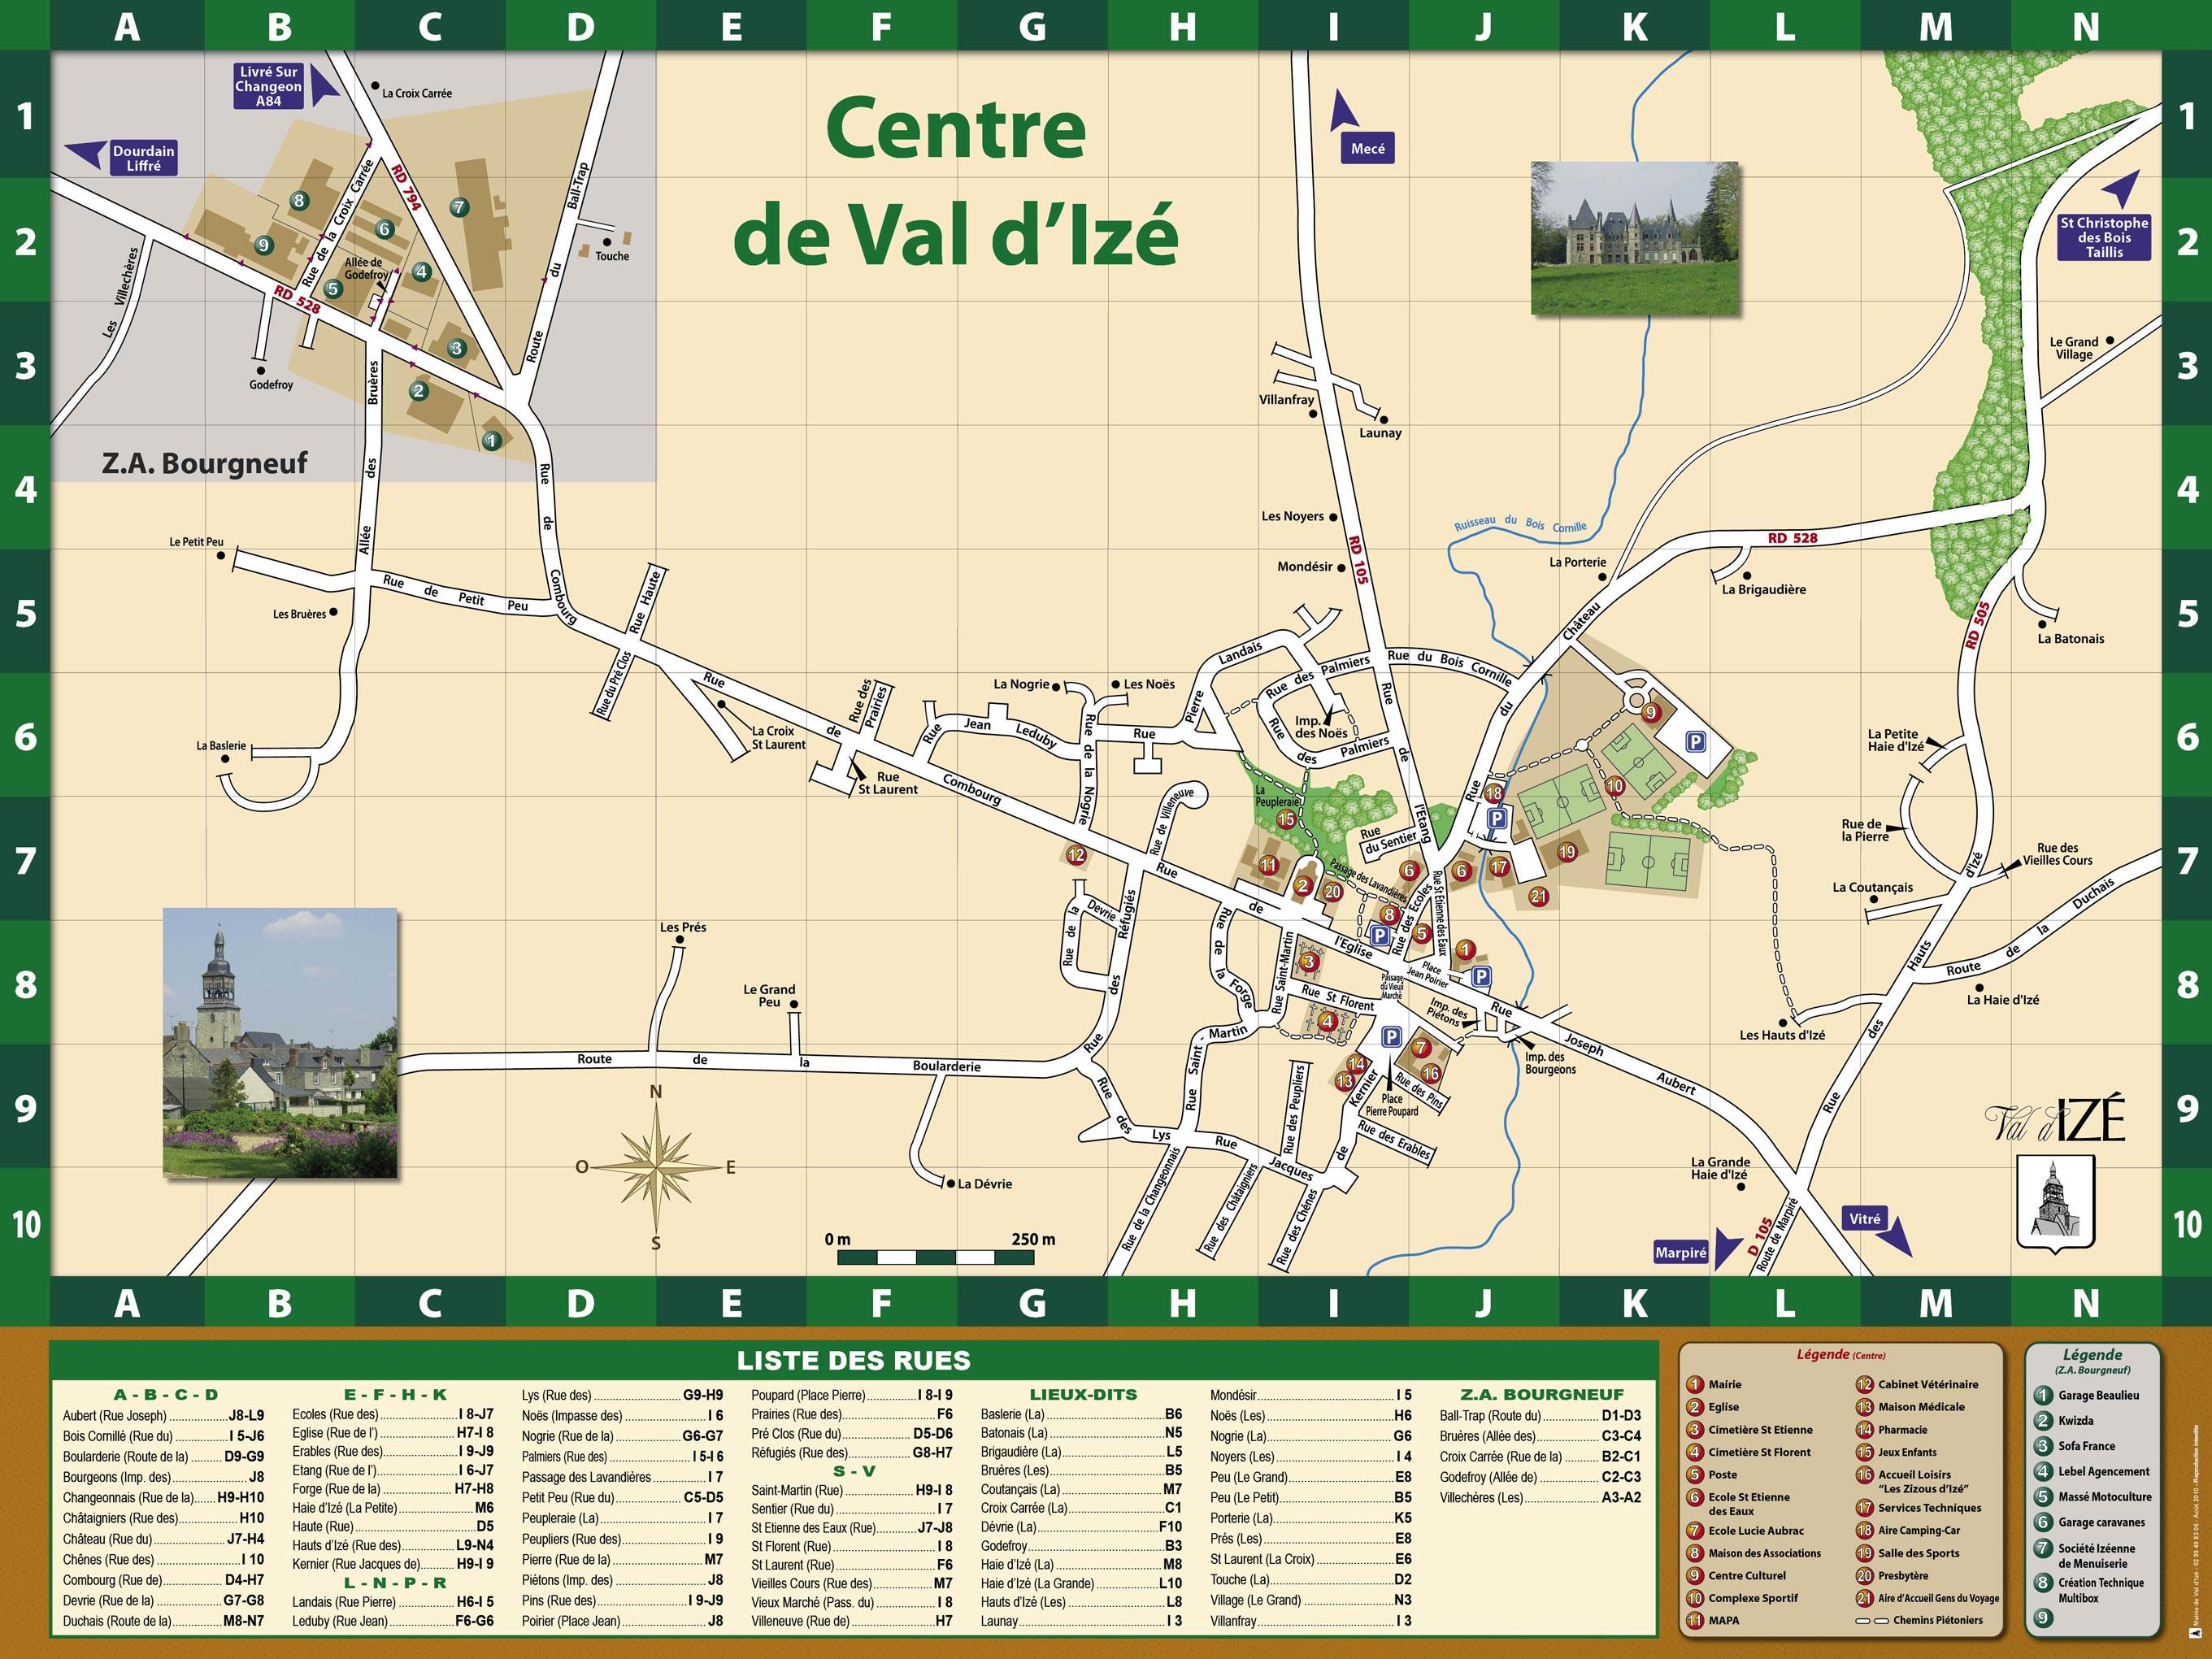 http://mairie.valdize.free.fr/mairie/plan-centre-de-val-d-iz-.jpg